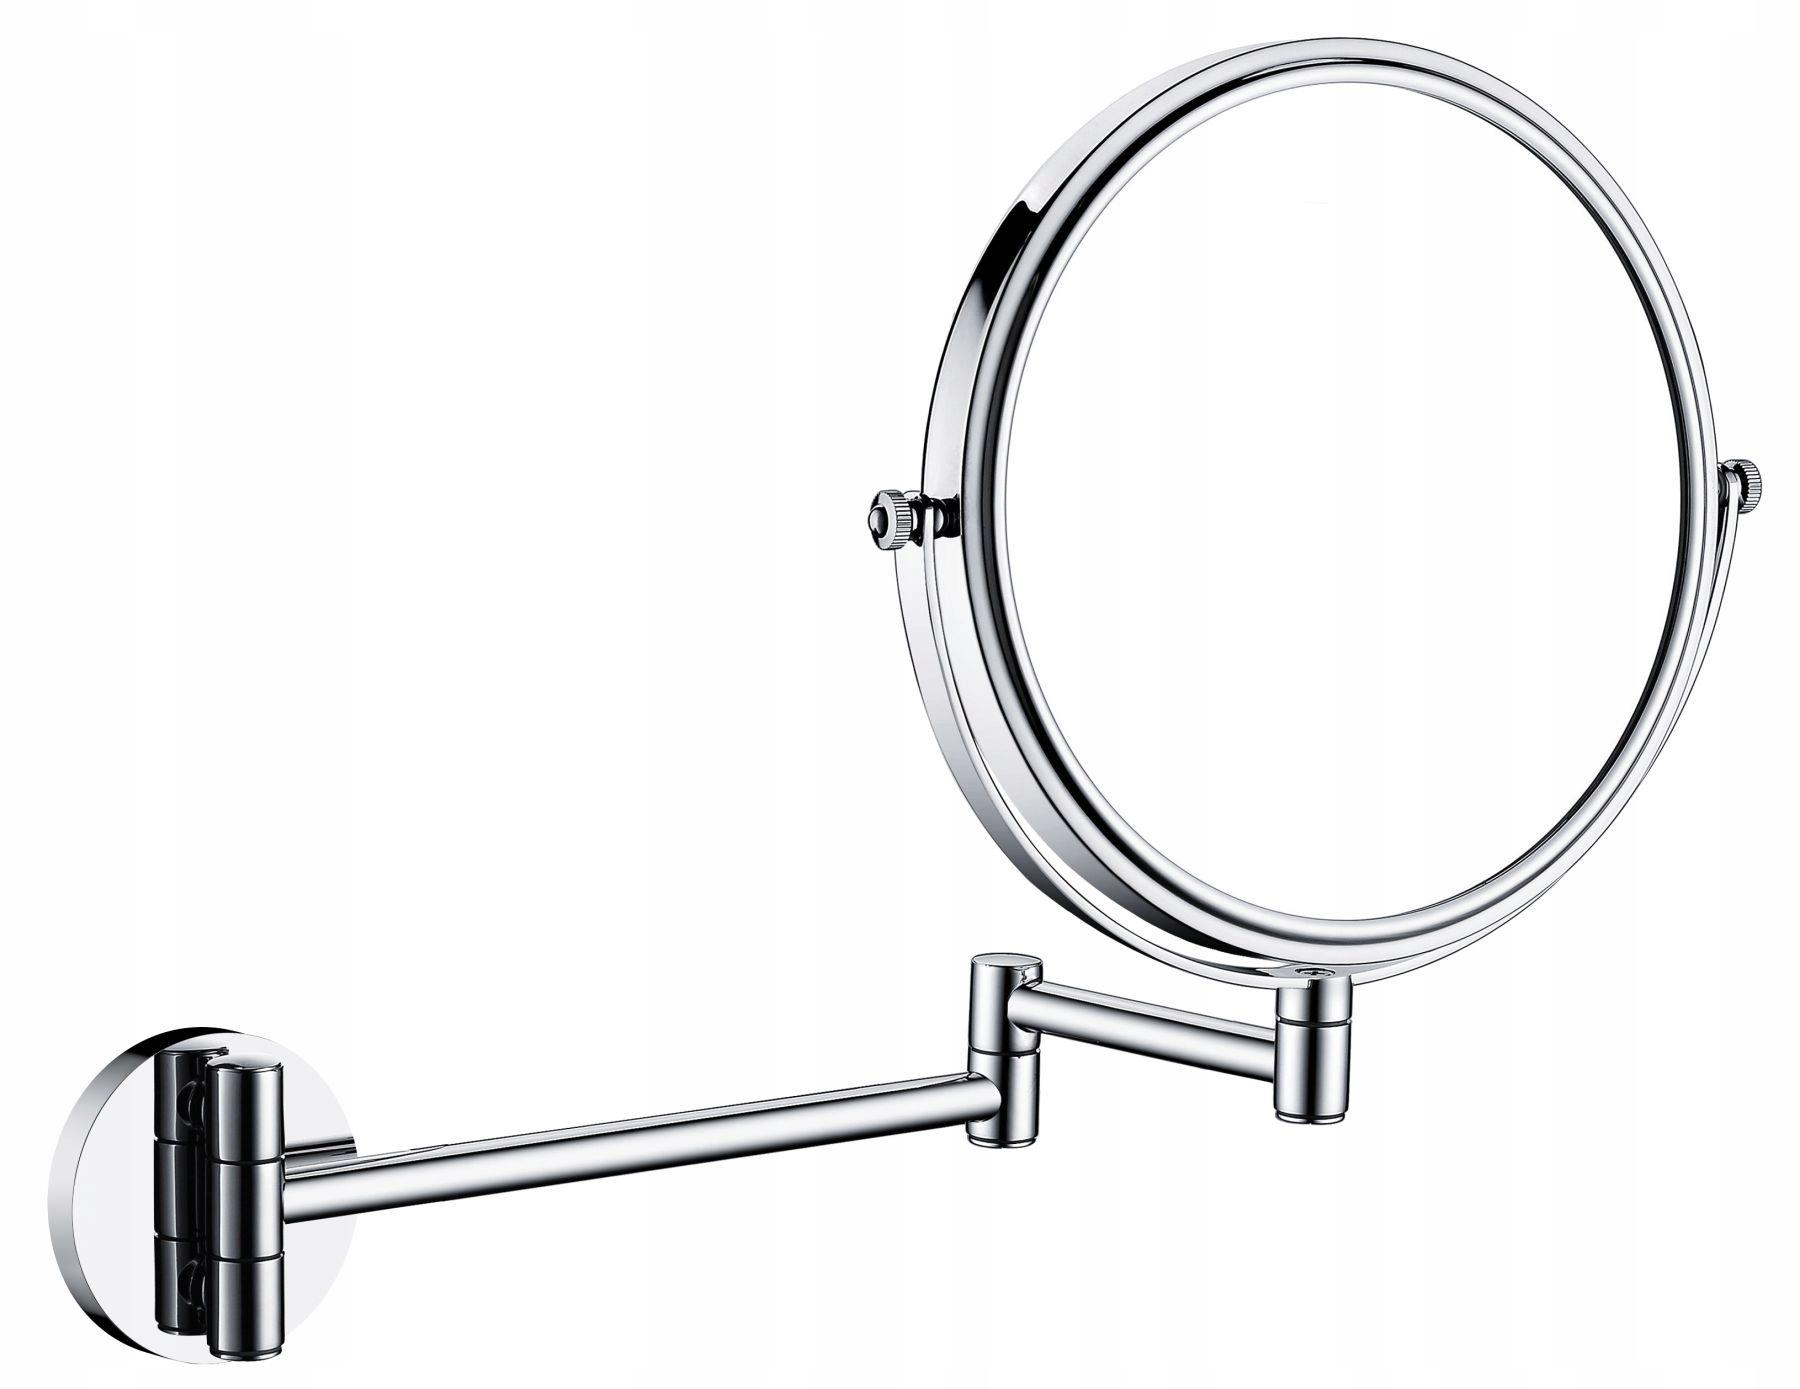 Kozmetické zrkadlo Round ADR 0811 Deante